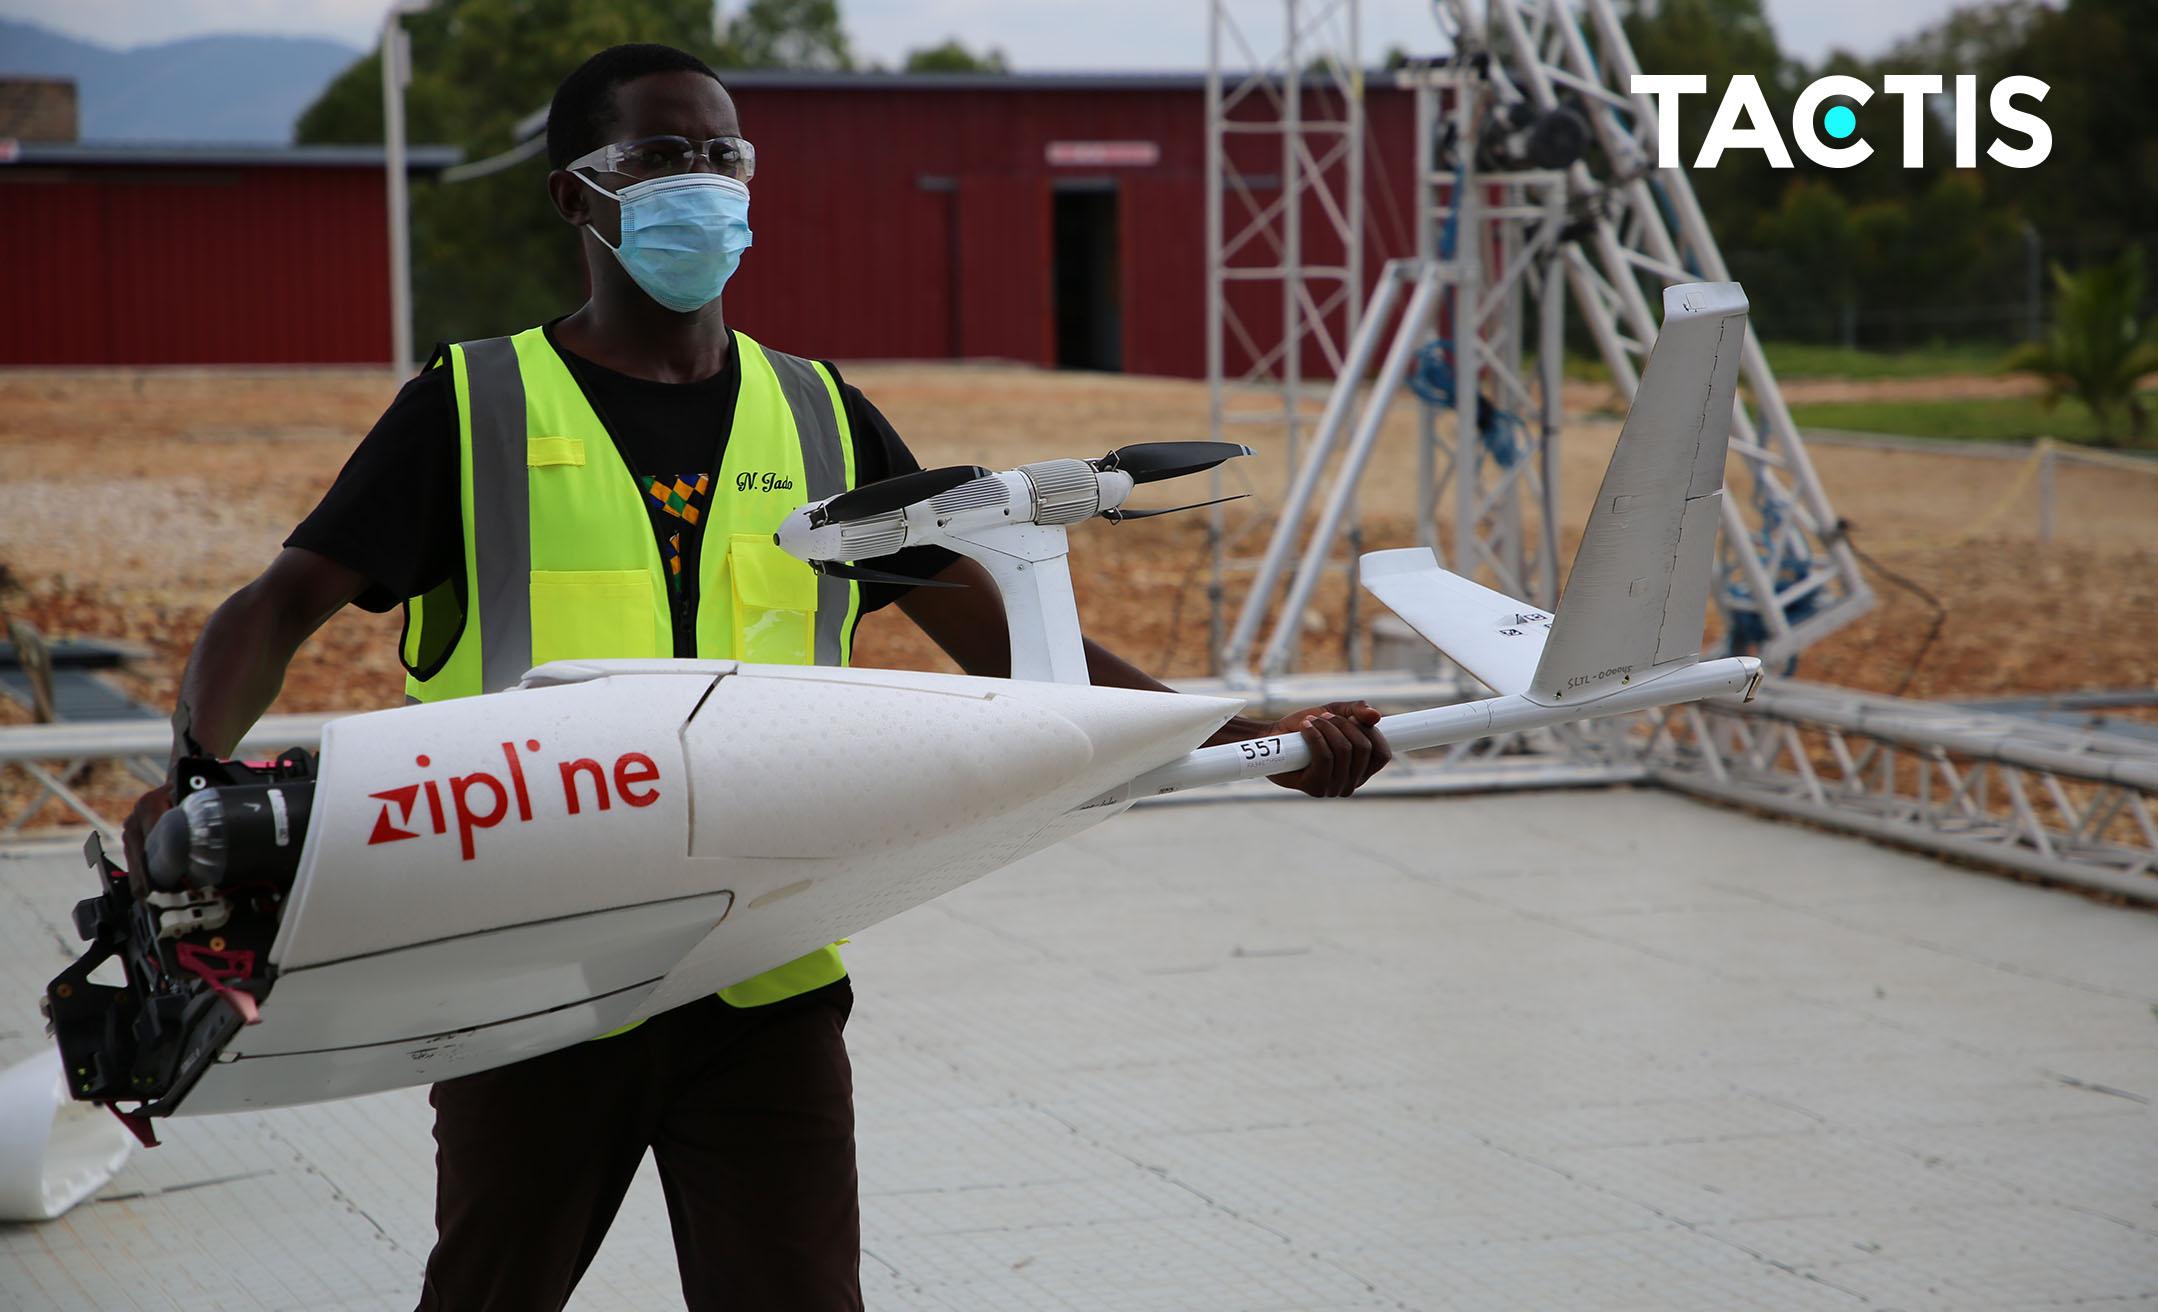 Zipline drones Rwanda